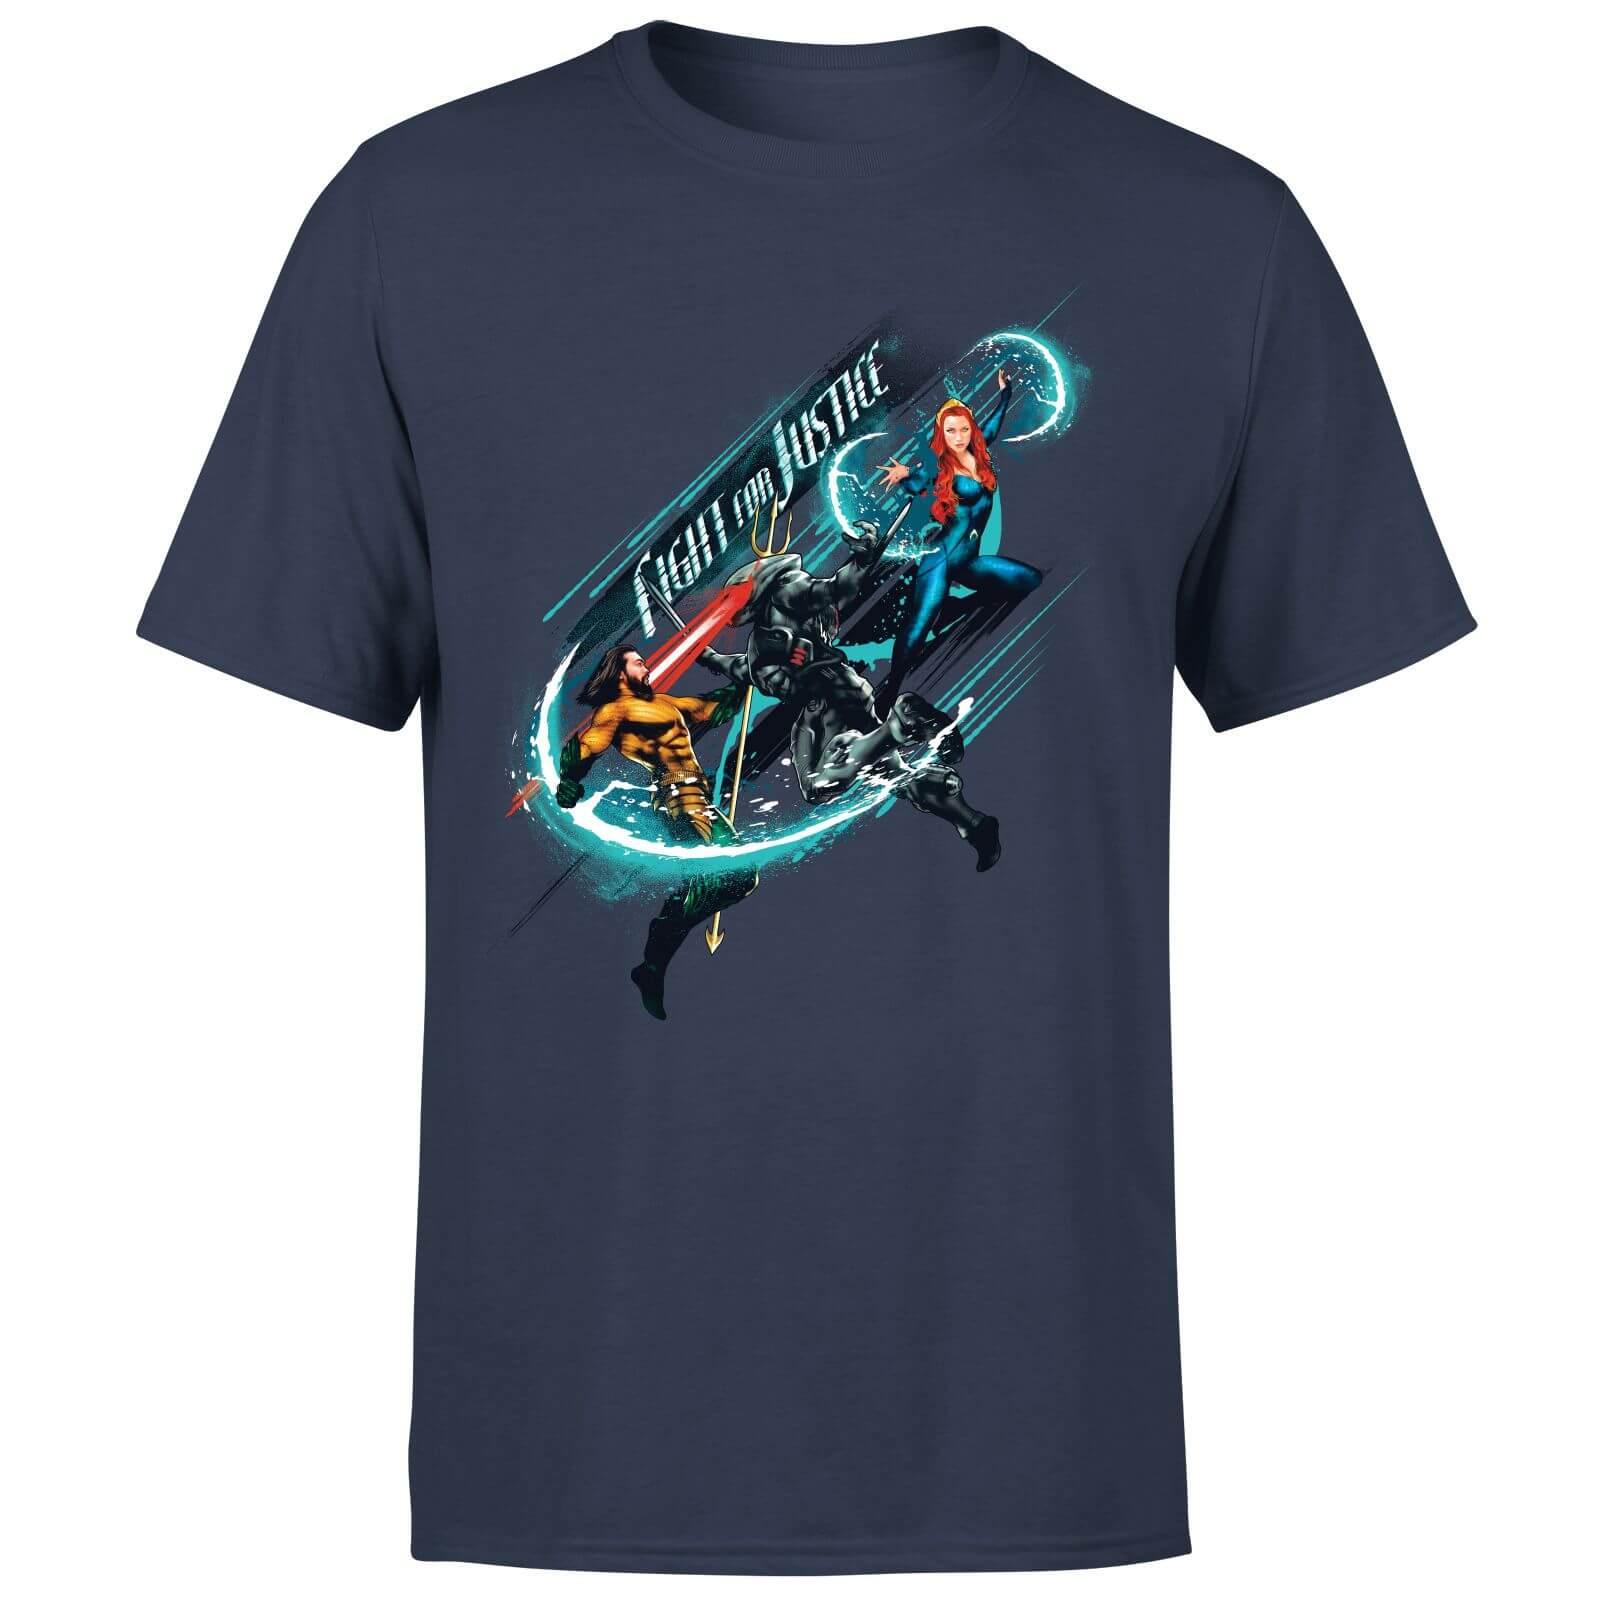 Aquaman: Fight for Justice T-Shirt (Herren, Damen, Kinder, S bis XXL) - alternativ Pulli für 18,99€ oder Hoodie für 20,99€